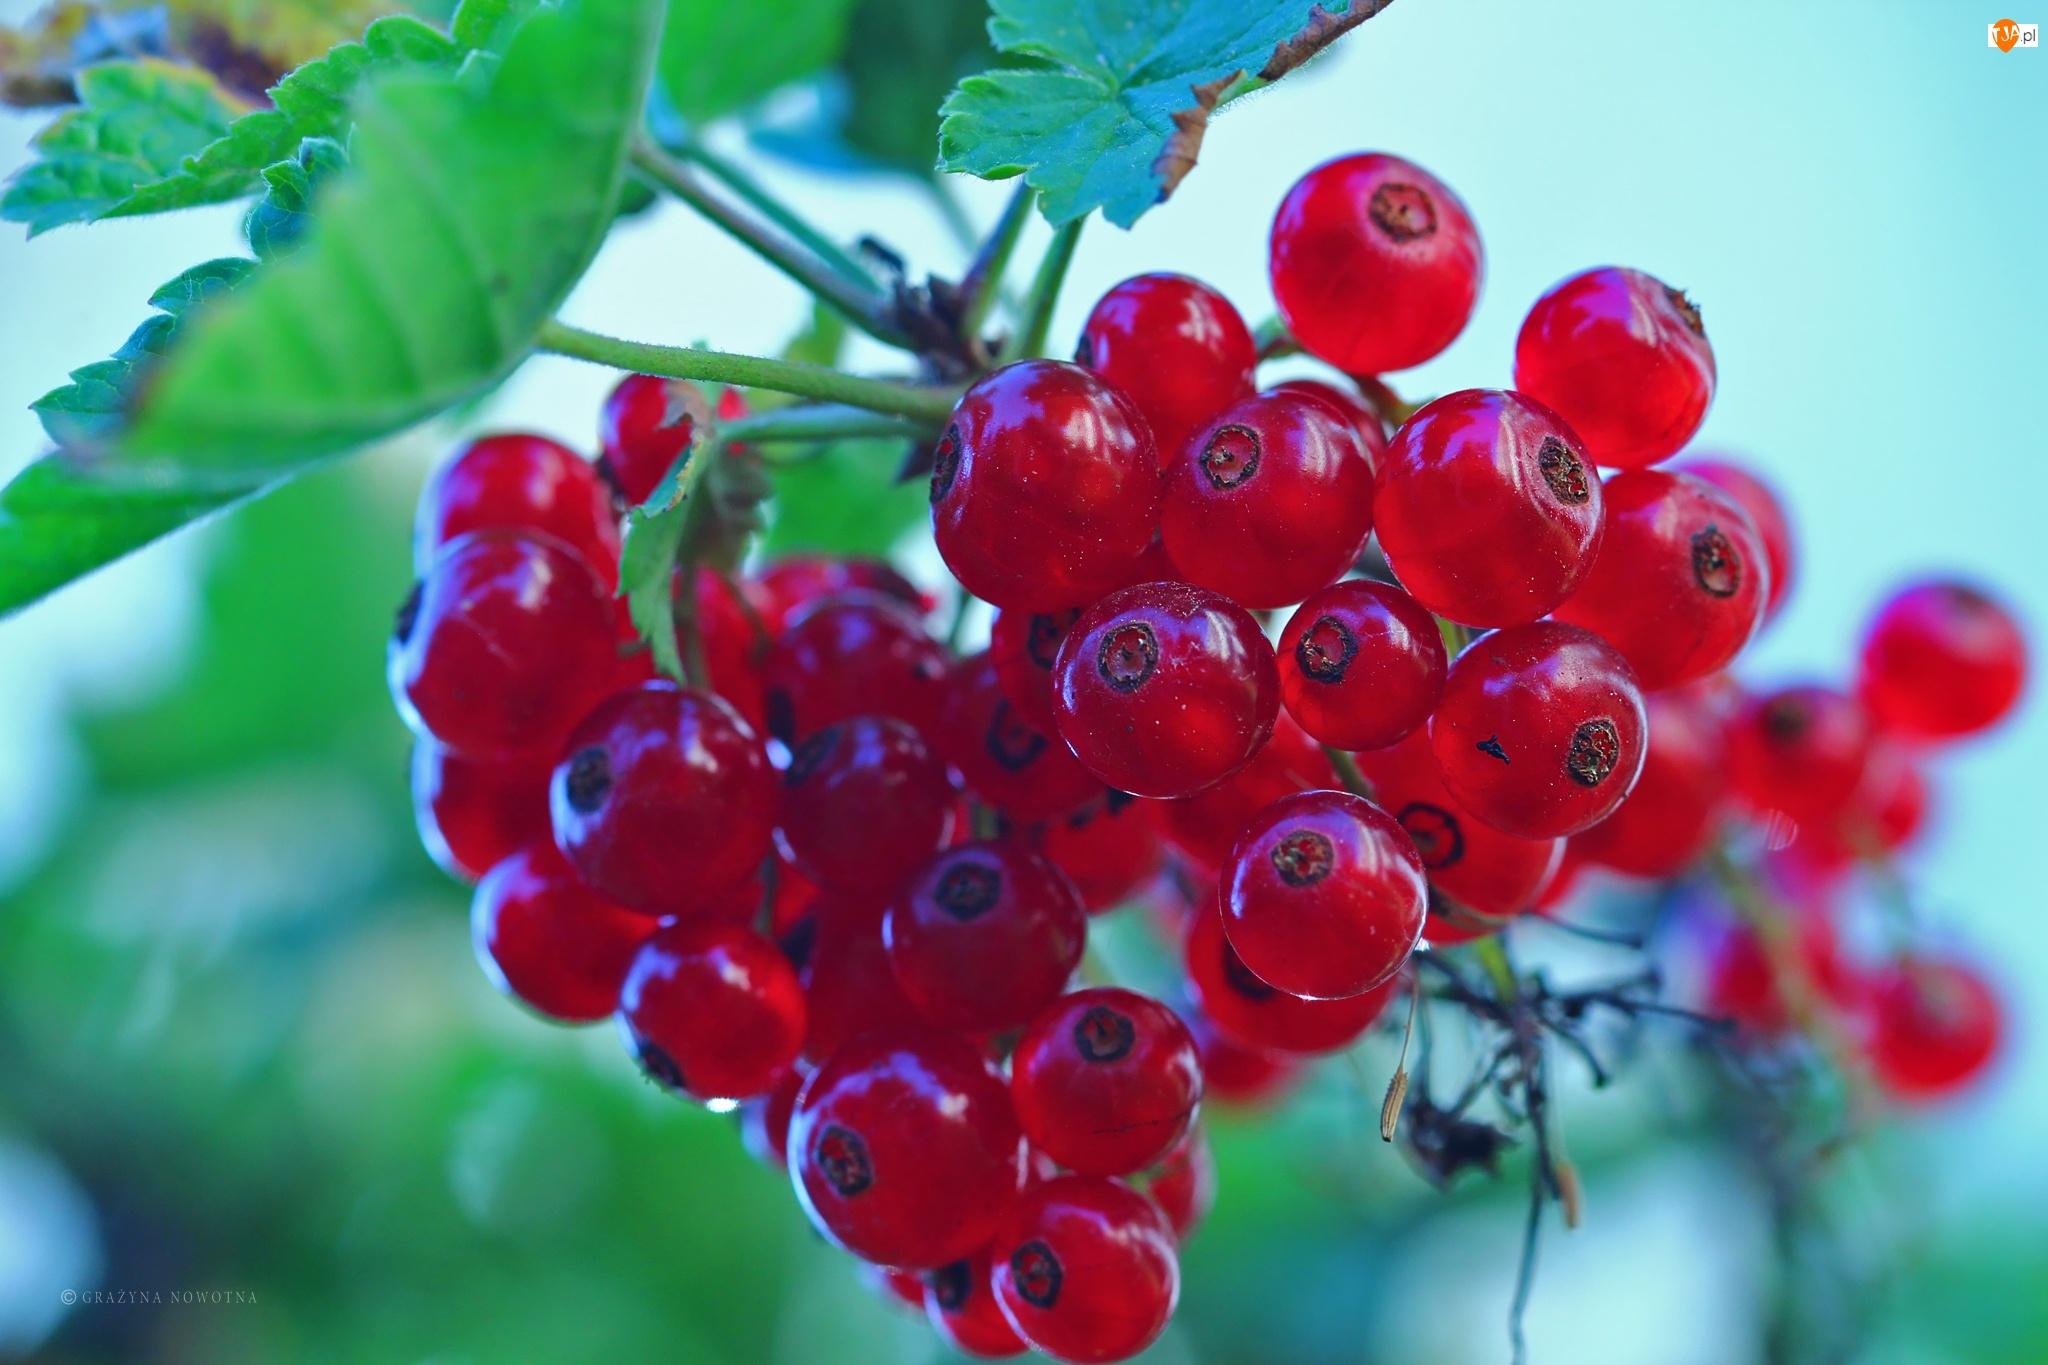 Owoce, Czerwone Porzeczki